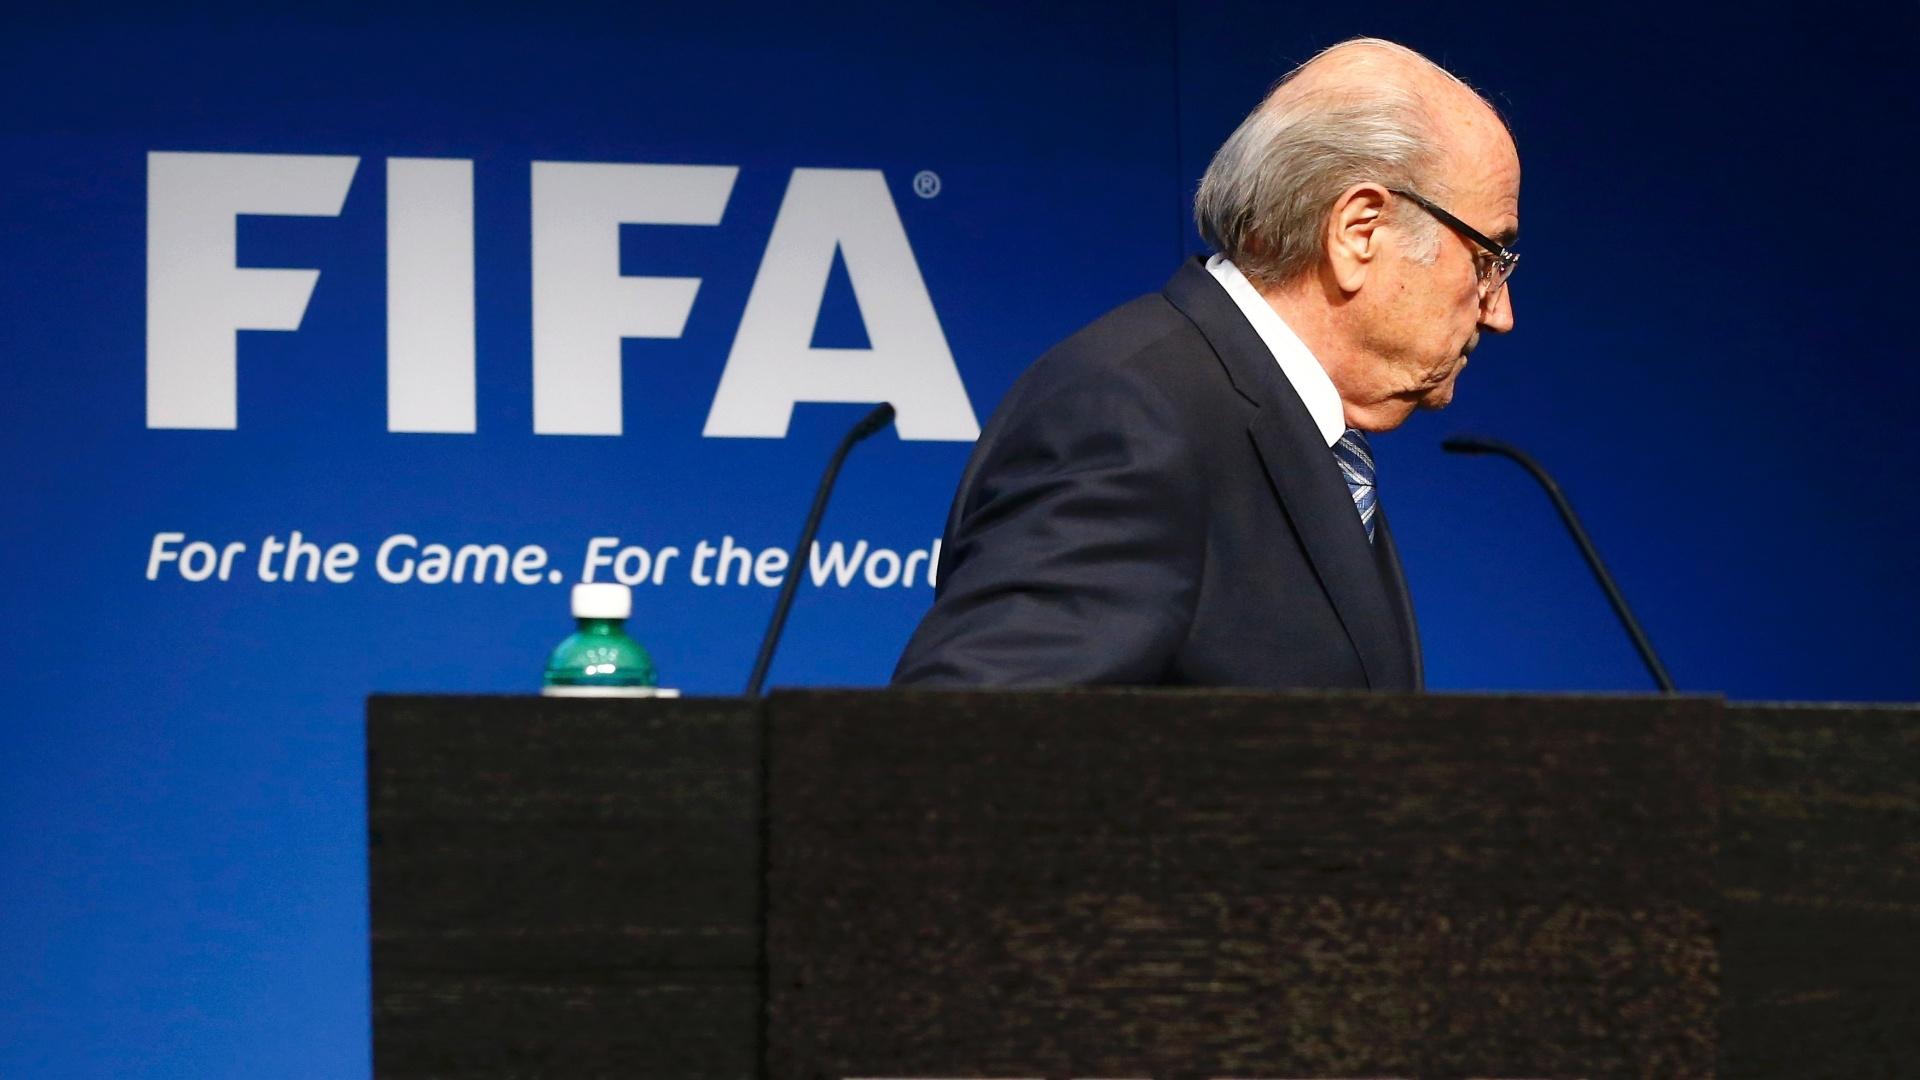 Joseph Blatter anuncia sua saída da Fifa. Dirigente surpreendeu ao convocar coletiva. Ele vai convocar uma eleição, e segue à frente da entidade até o pleito